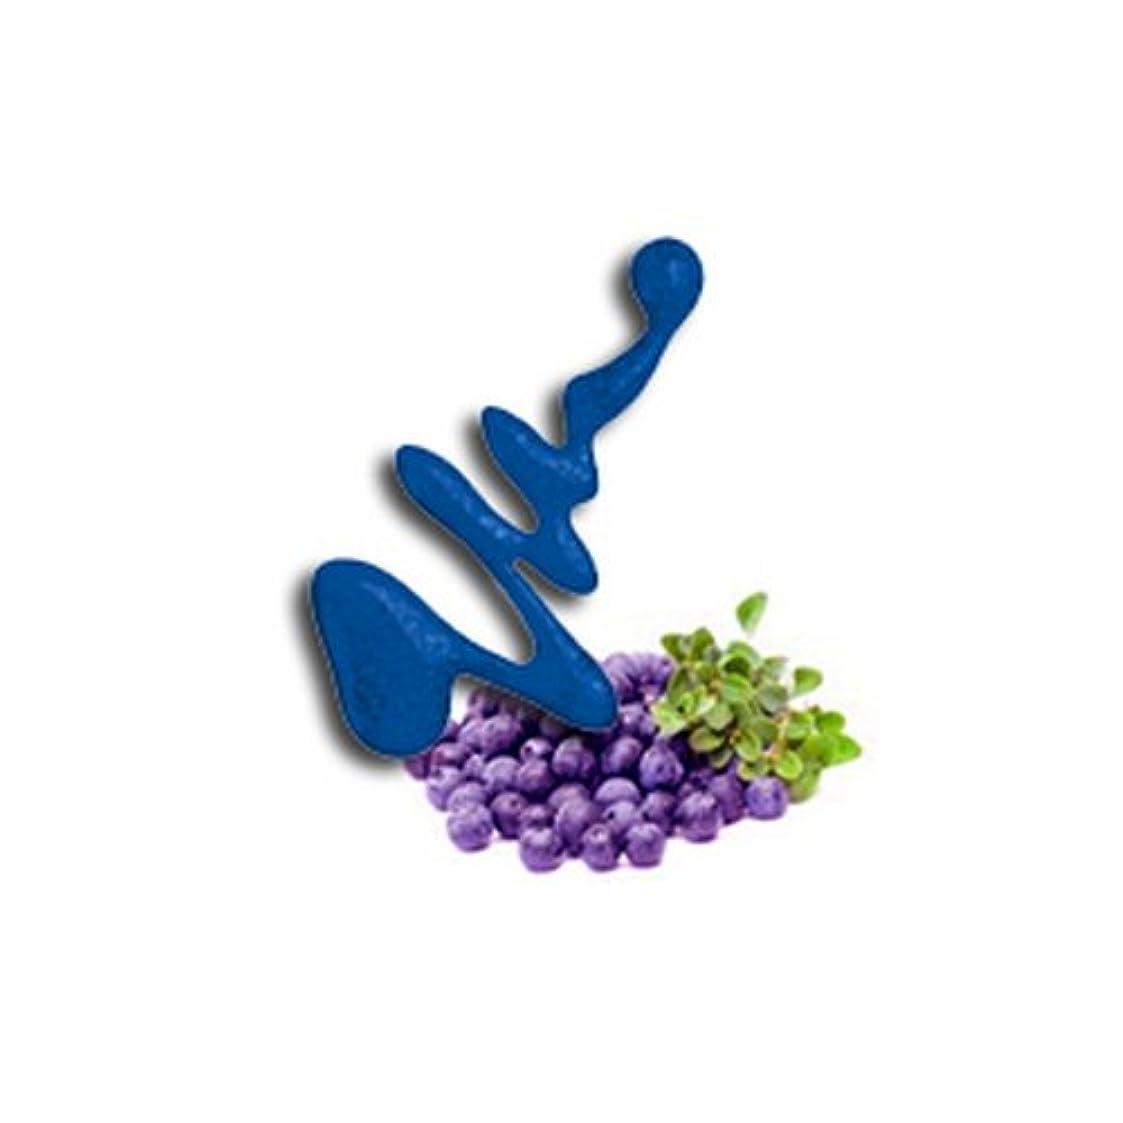 洗剤湿ったでるLA GIRL Fruity Scented Nail Polish - Blueberry Fizz (並行輸入品)